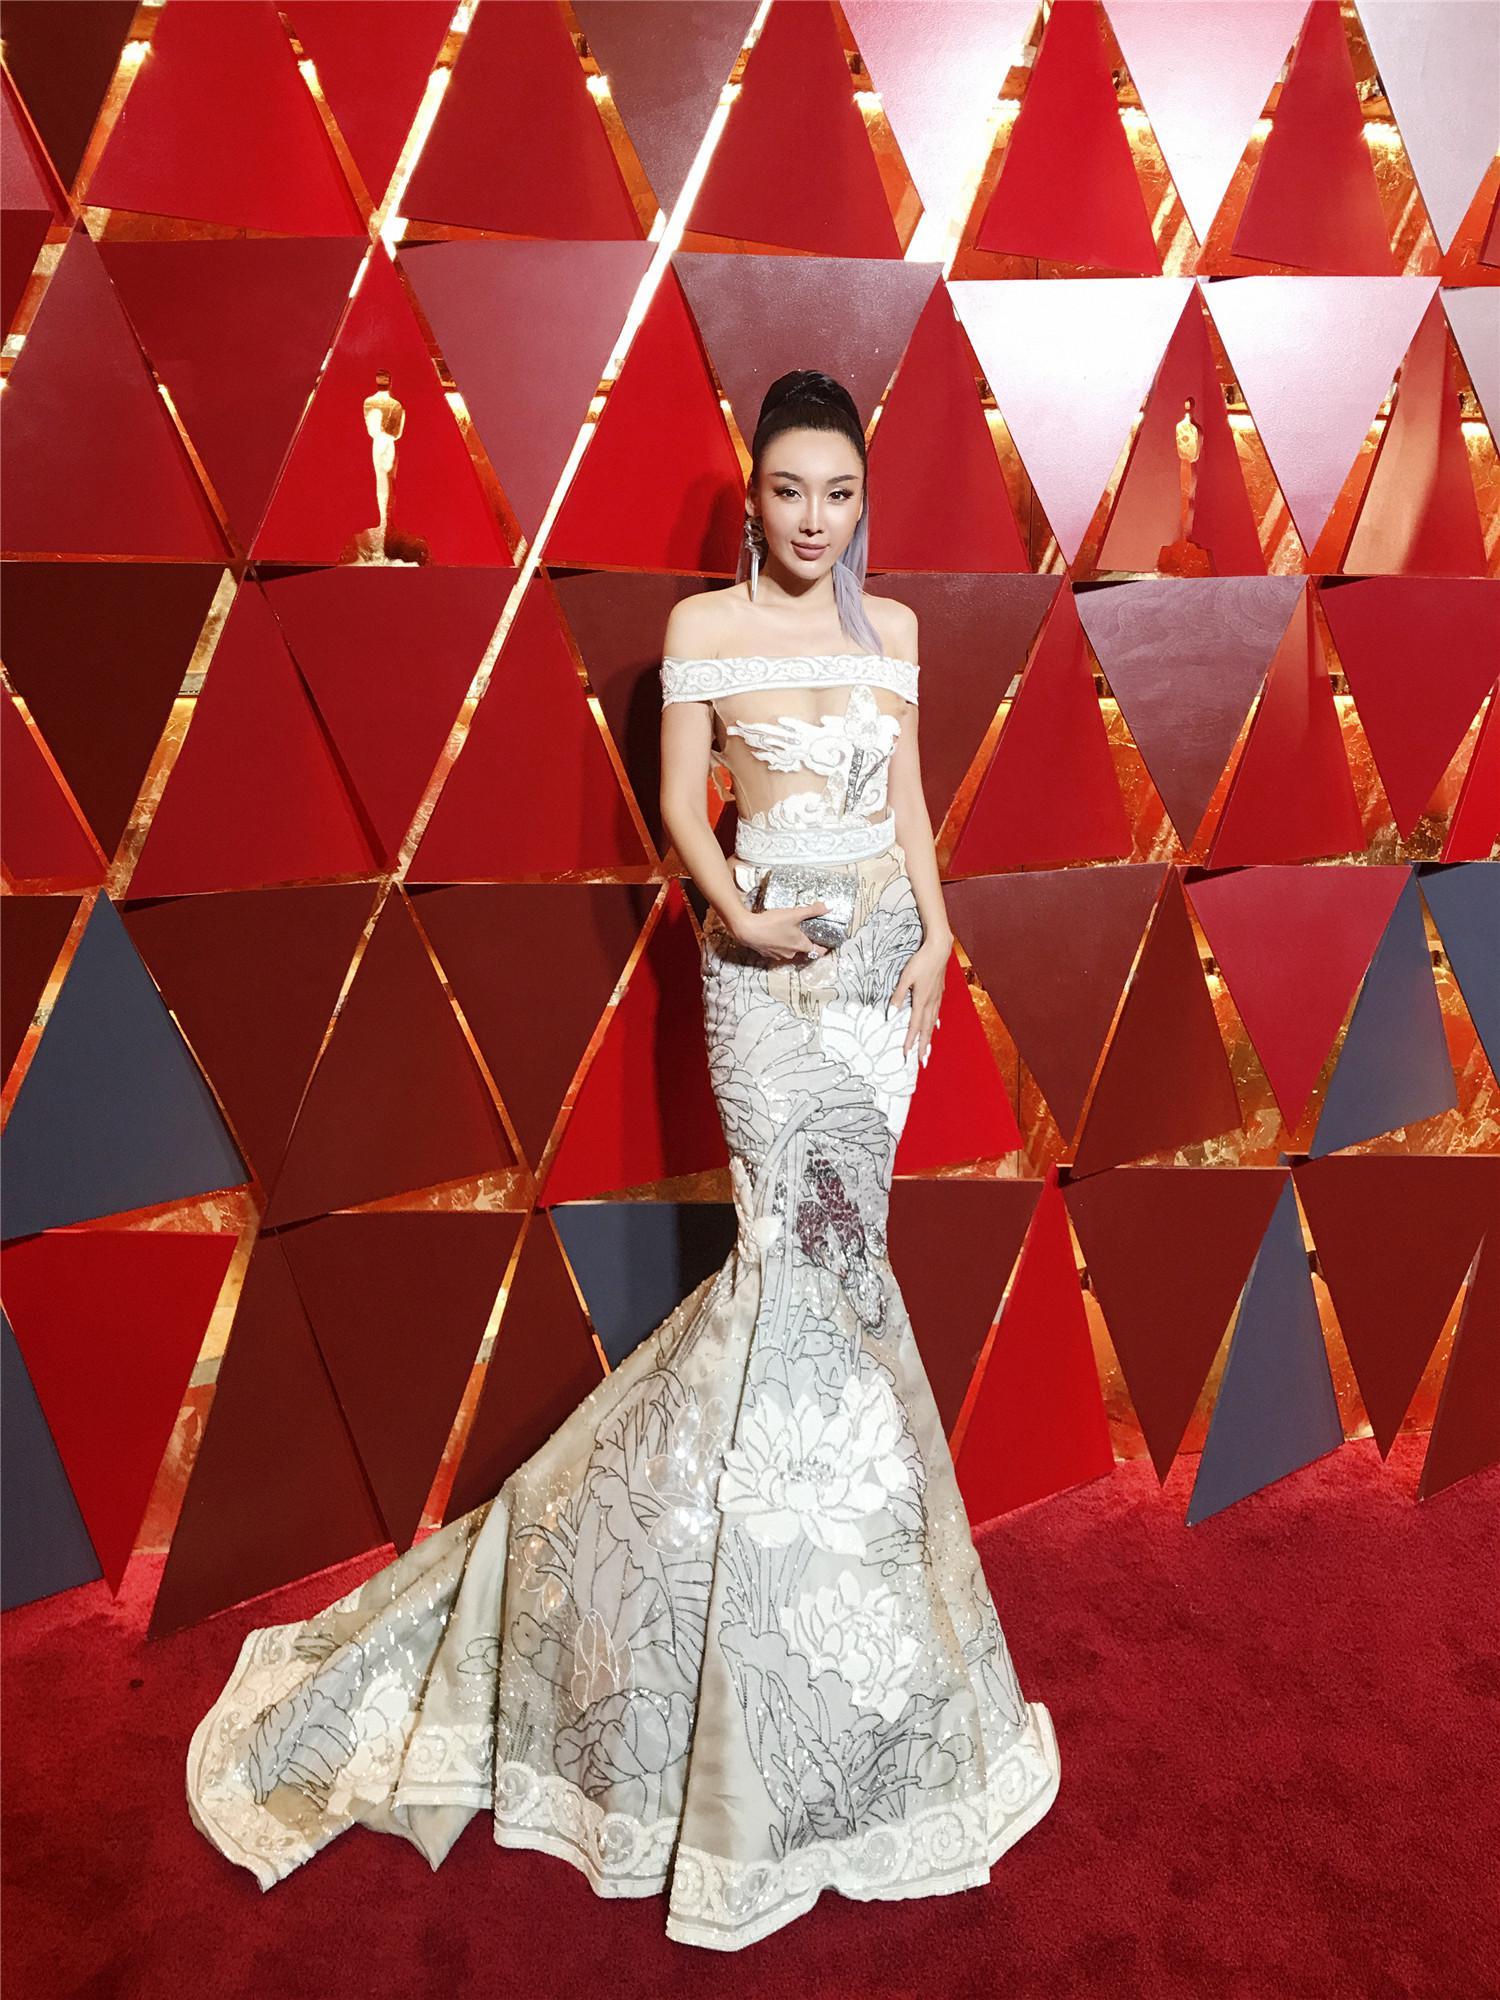 韩阿筎那华人唯一被邀请参加奥斯卡 百万饰品引外媒关注